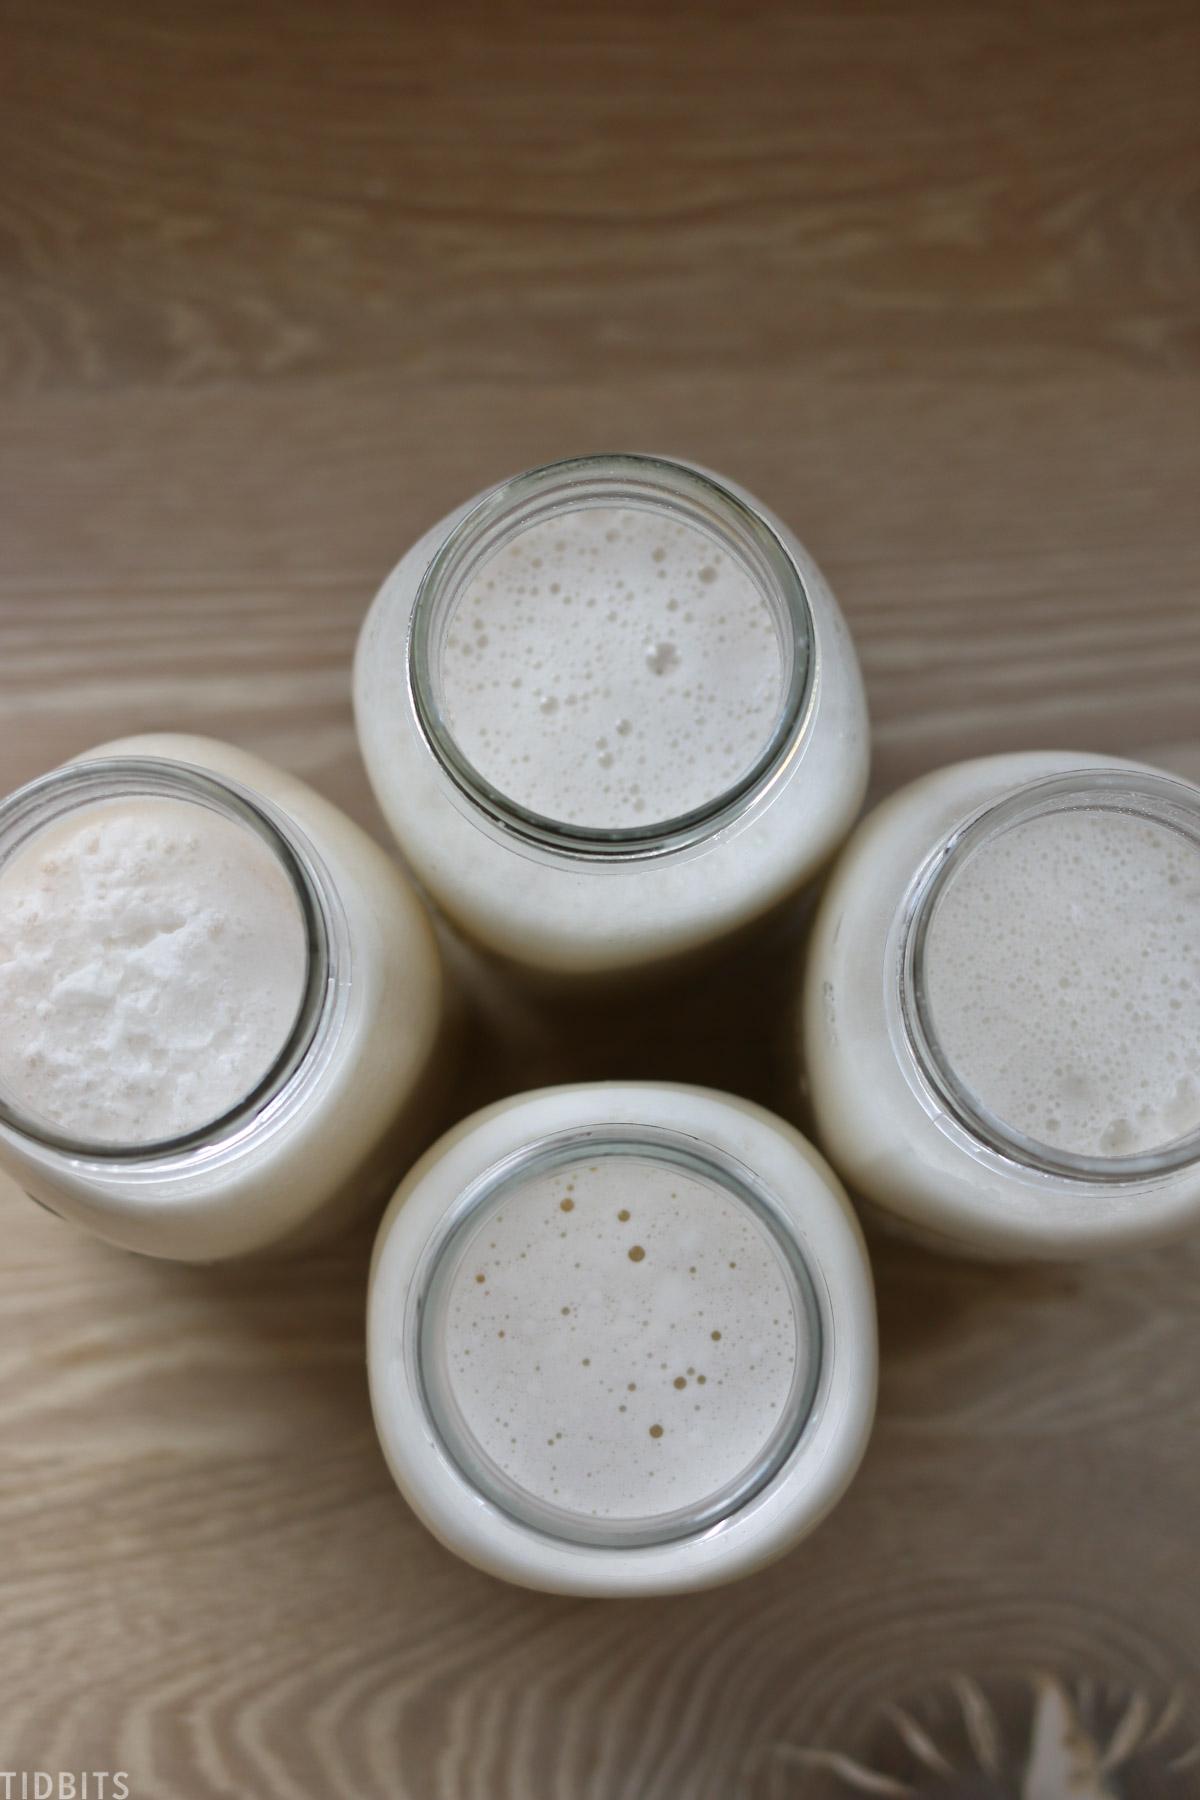 Jars of nut milks